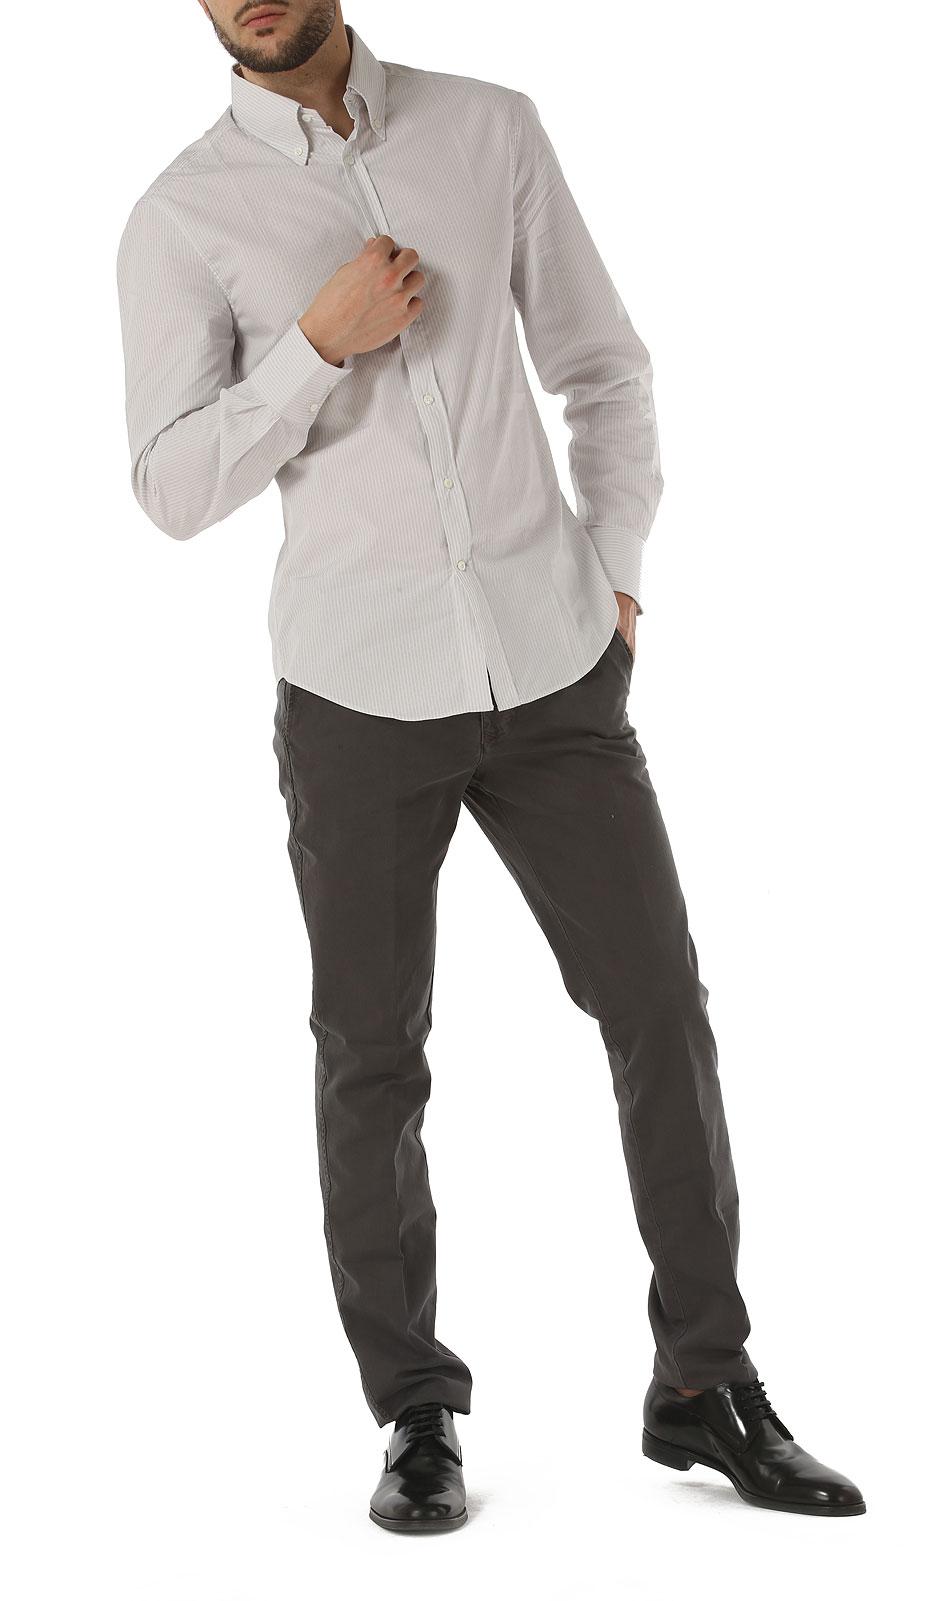 Brunello Codice Abbigliamento Cucinelli mh6821716 Uomo Uomo c043 Articolo Abbigliamento Brunello BUqARn